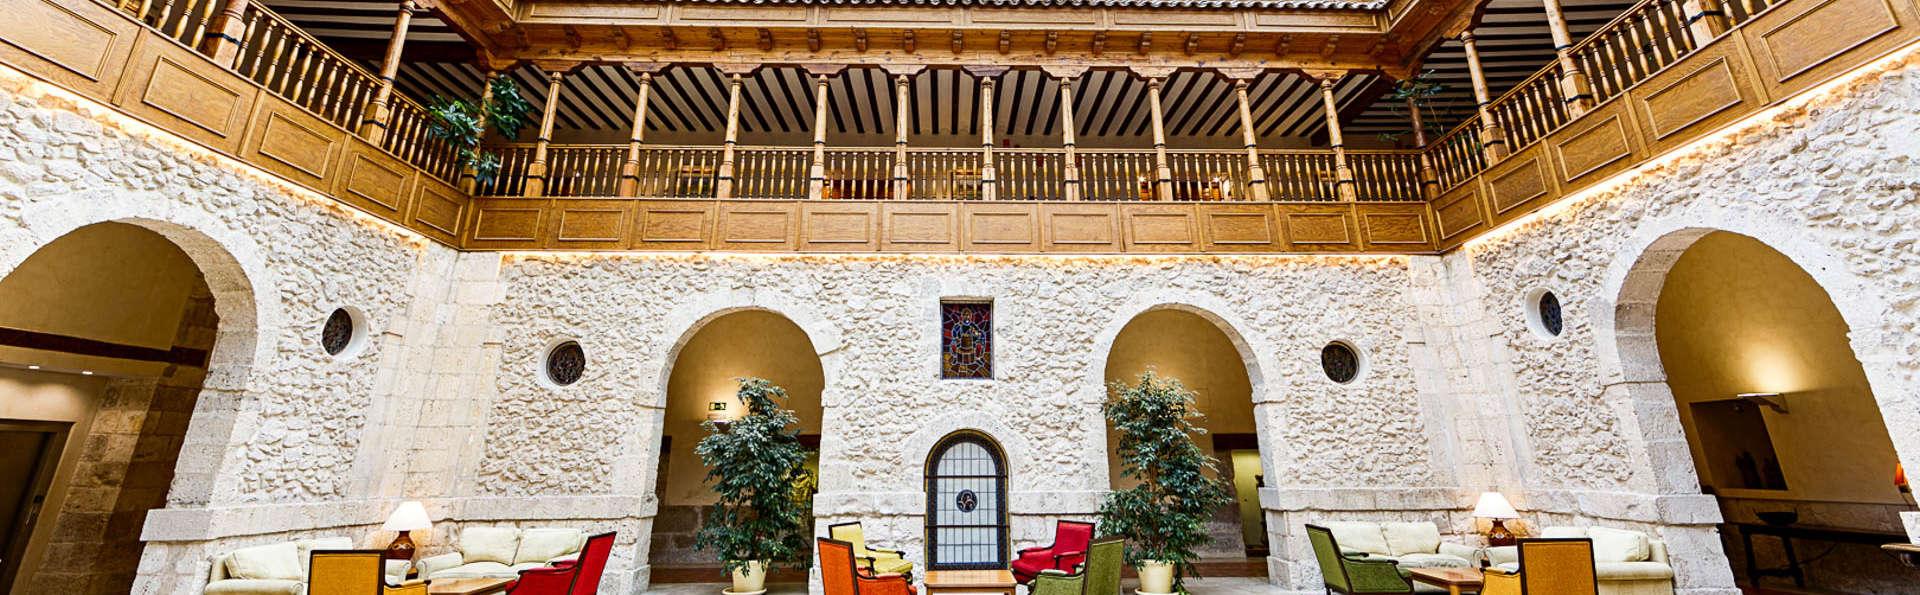 Hotel Spa Convento Las Claras - EDIT_N2_LOOBY-8.jpg